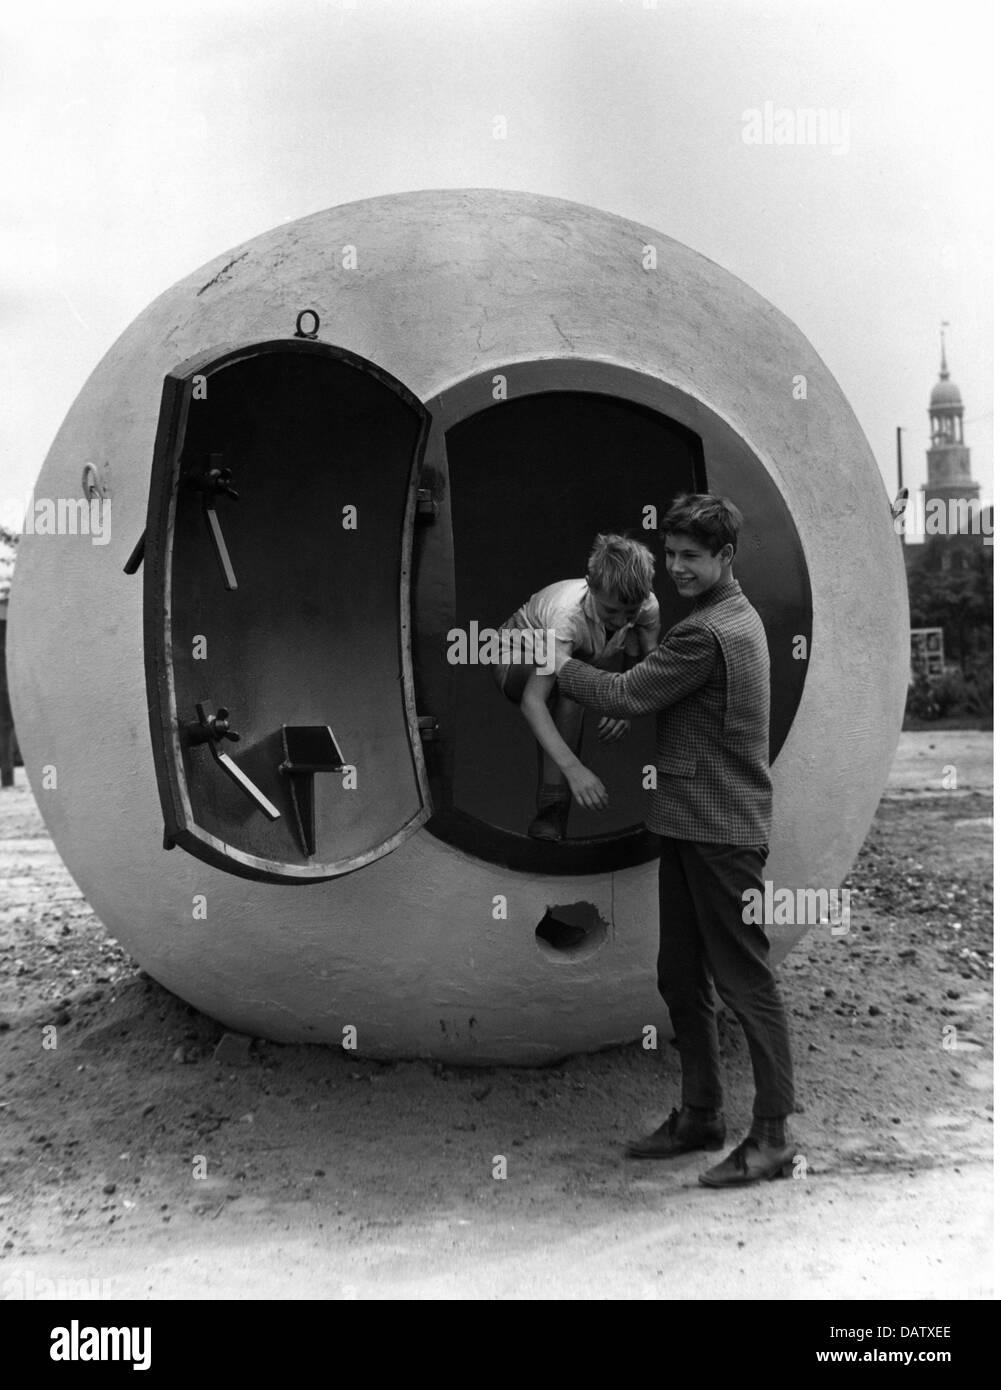 Guerra fredda, cemento armato bunker, cosiddetto 'atom calcio', Amburgo, Germania, sessanta, Additional Immagini Stock